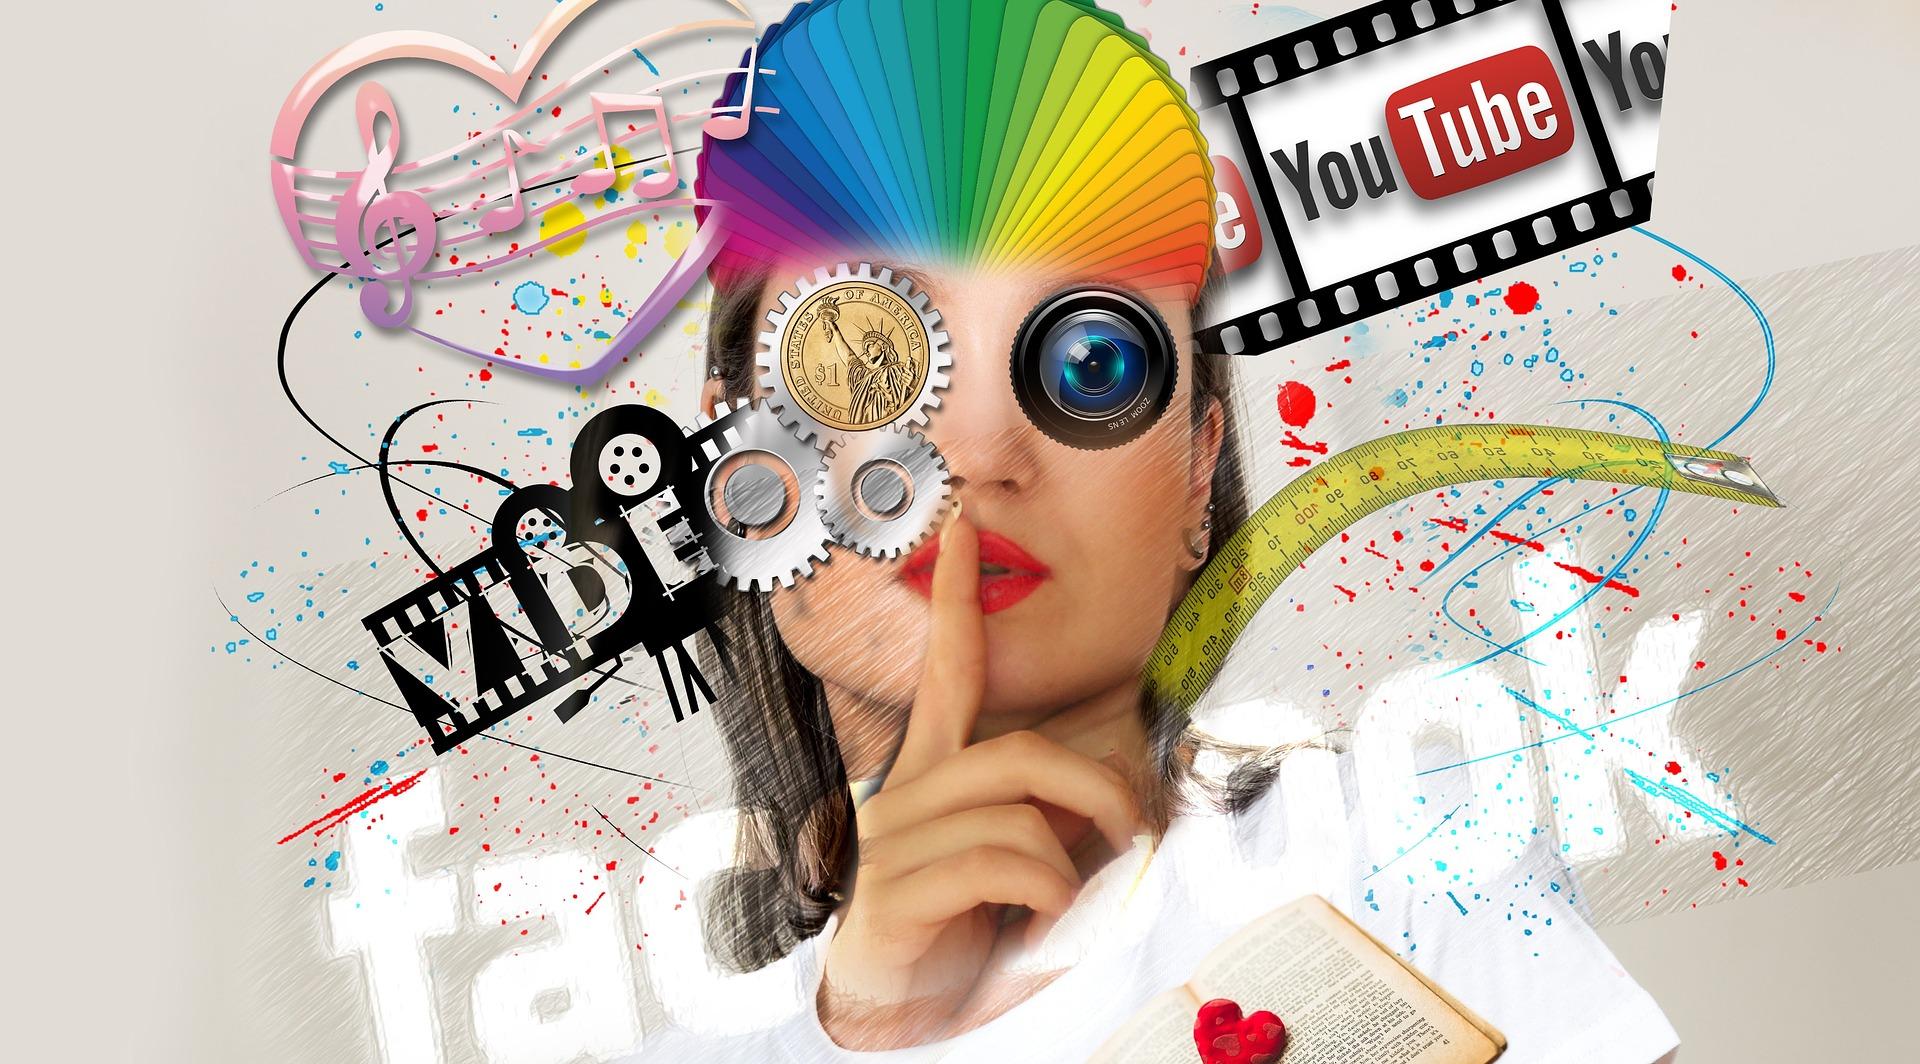 social-media-1233873_1920.jpg